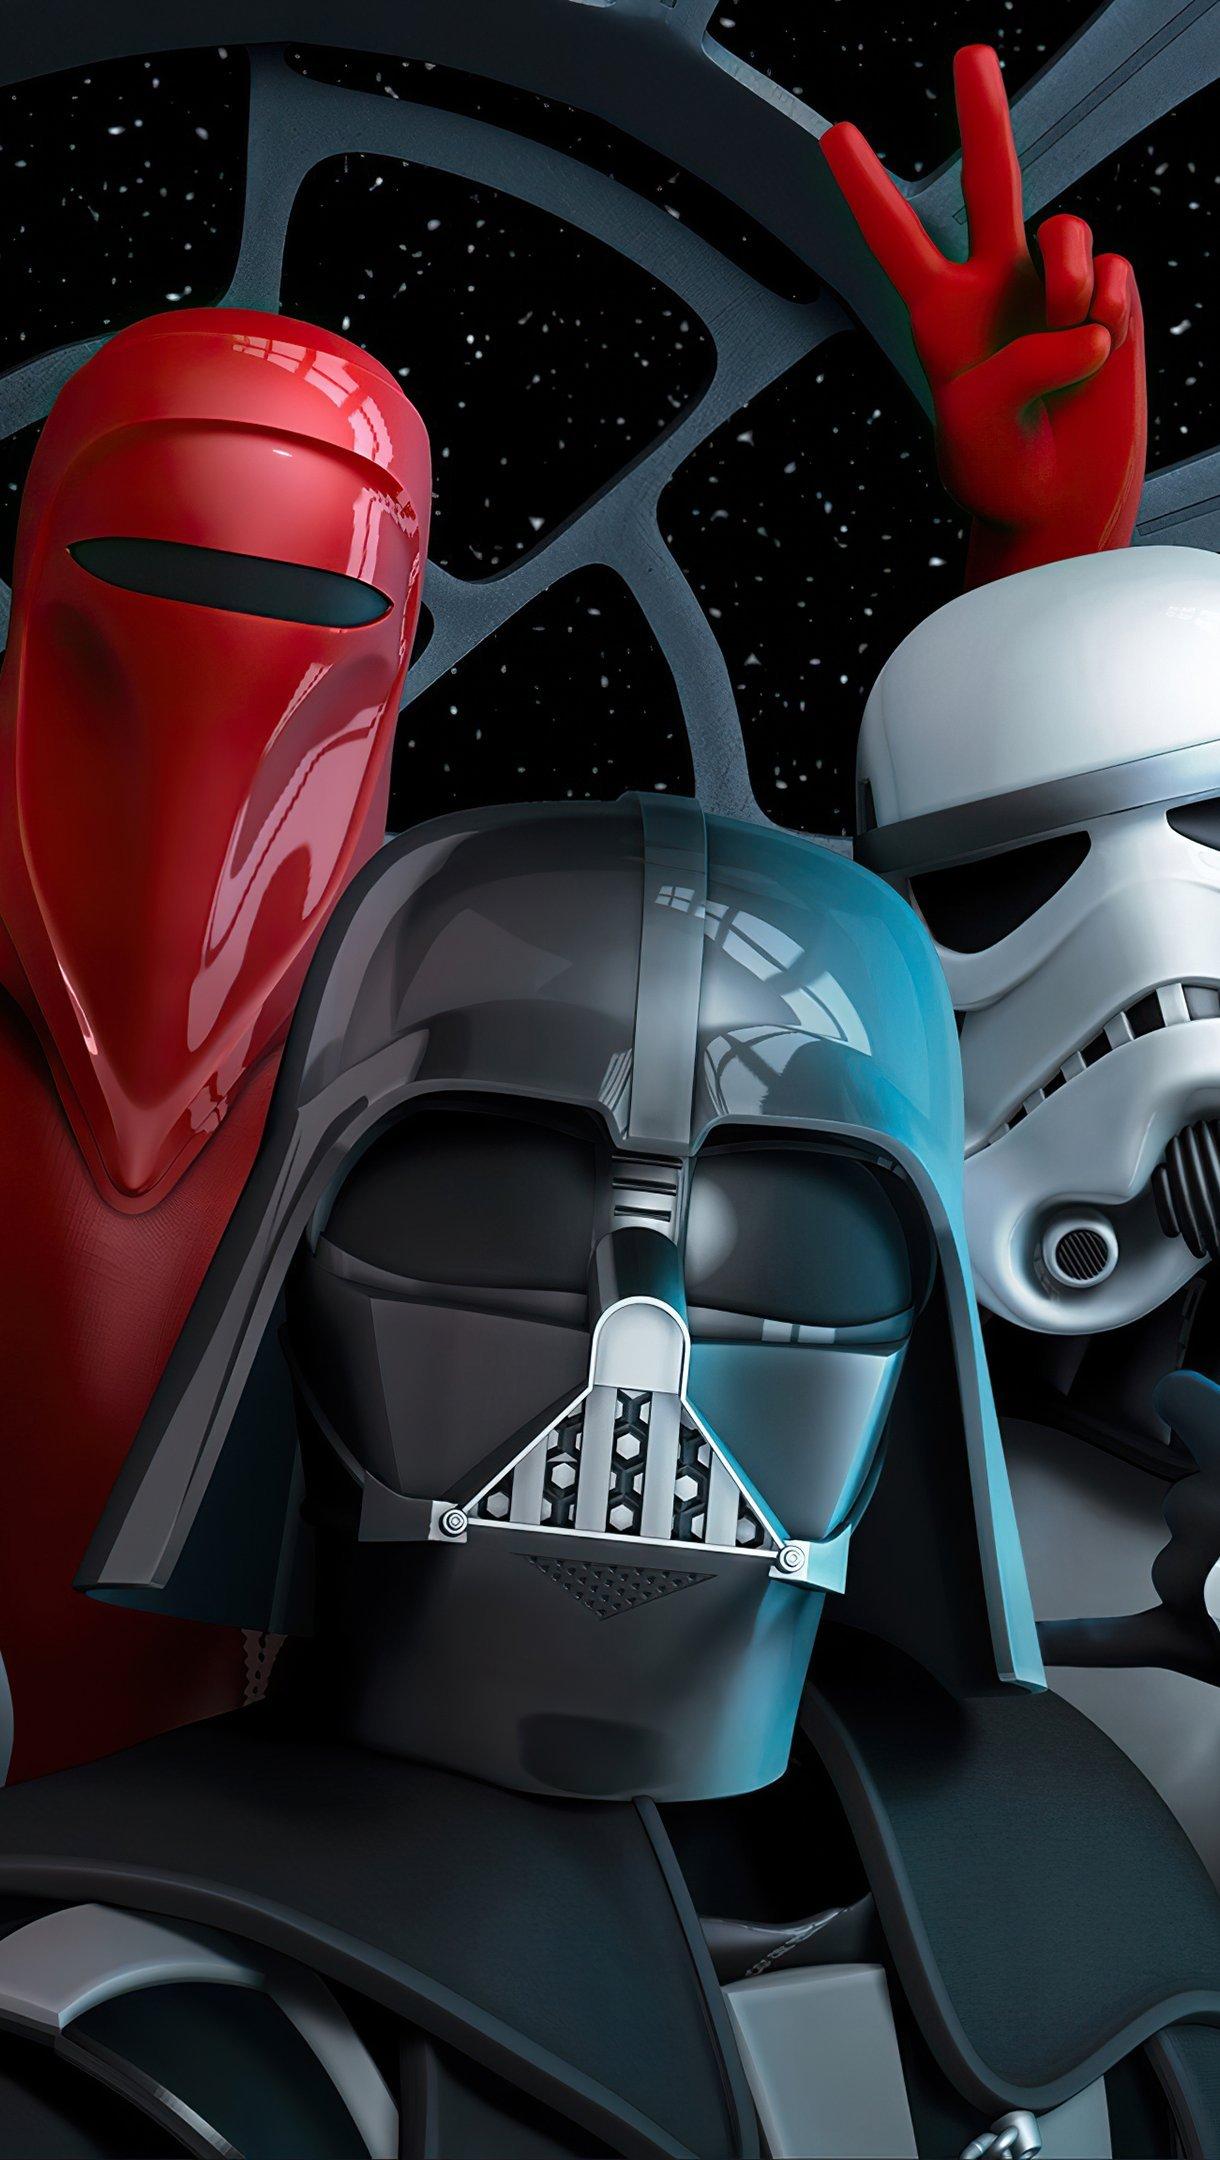 Wallpaper Star Wars Revenge of the 5th Selfie Vertical